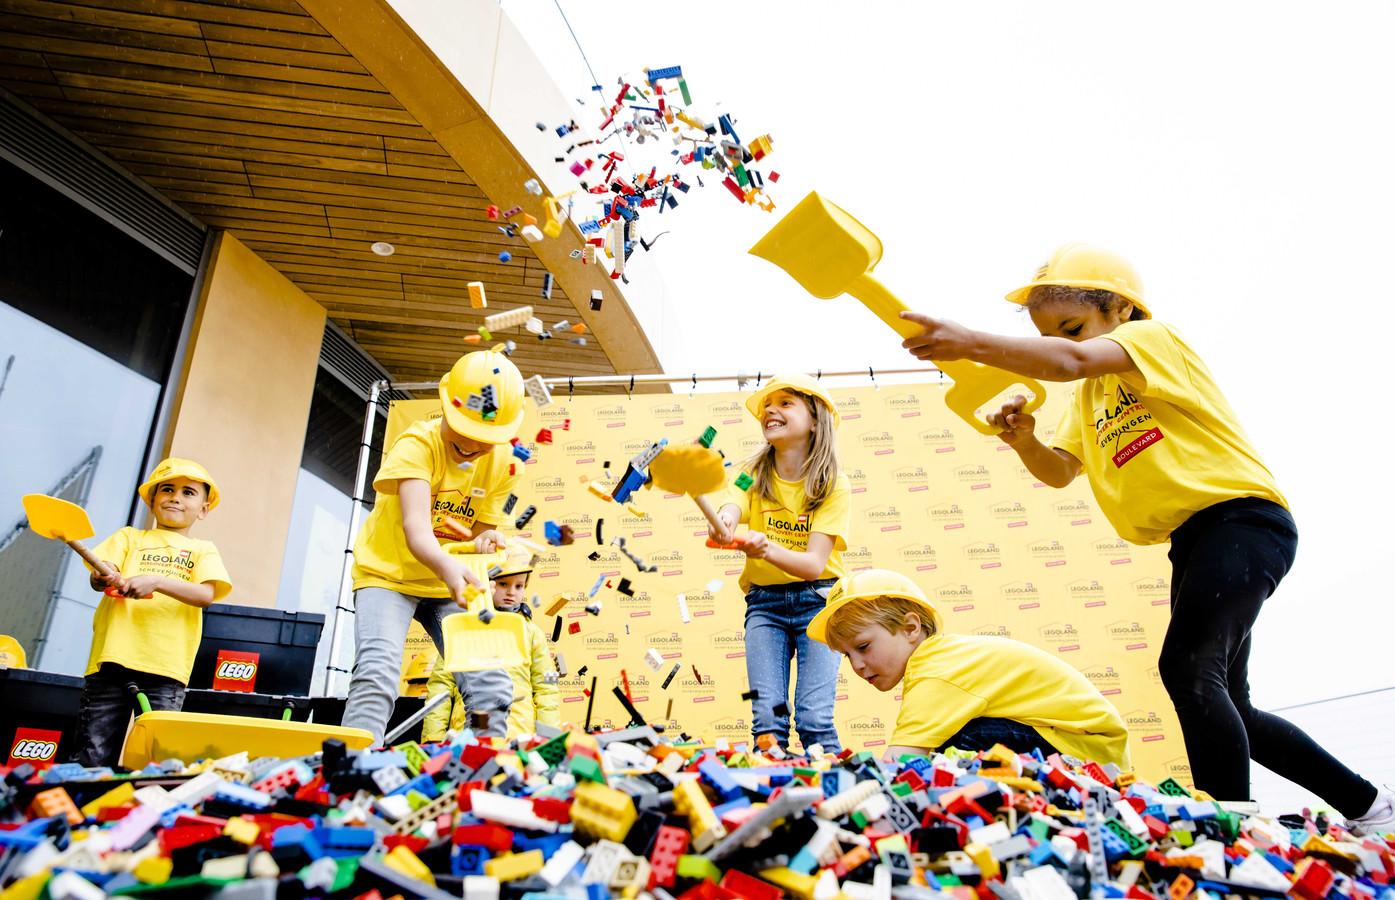 Kinderen vieren de aankomst van de eerste legosteentjes bij het Legoland Discovery Centre.